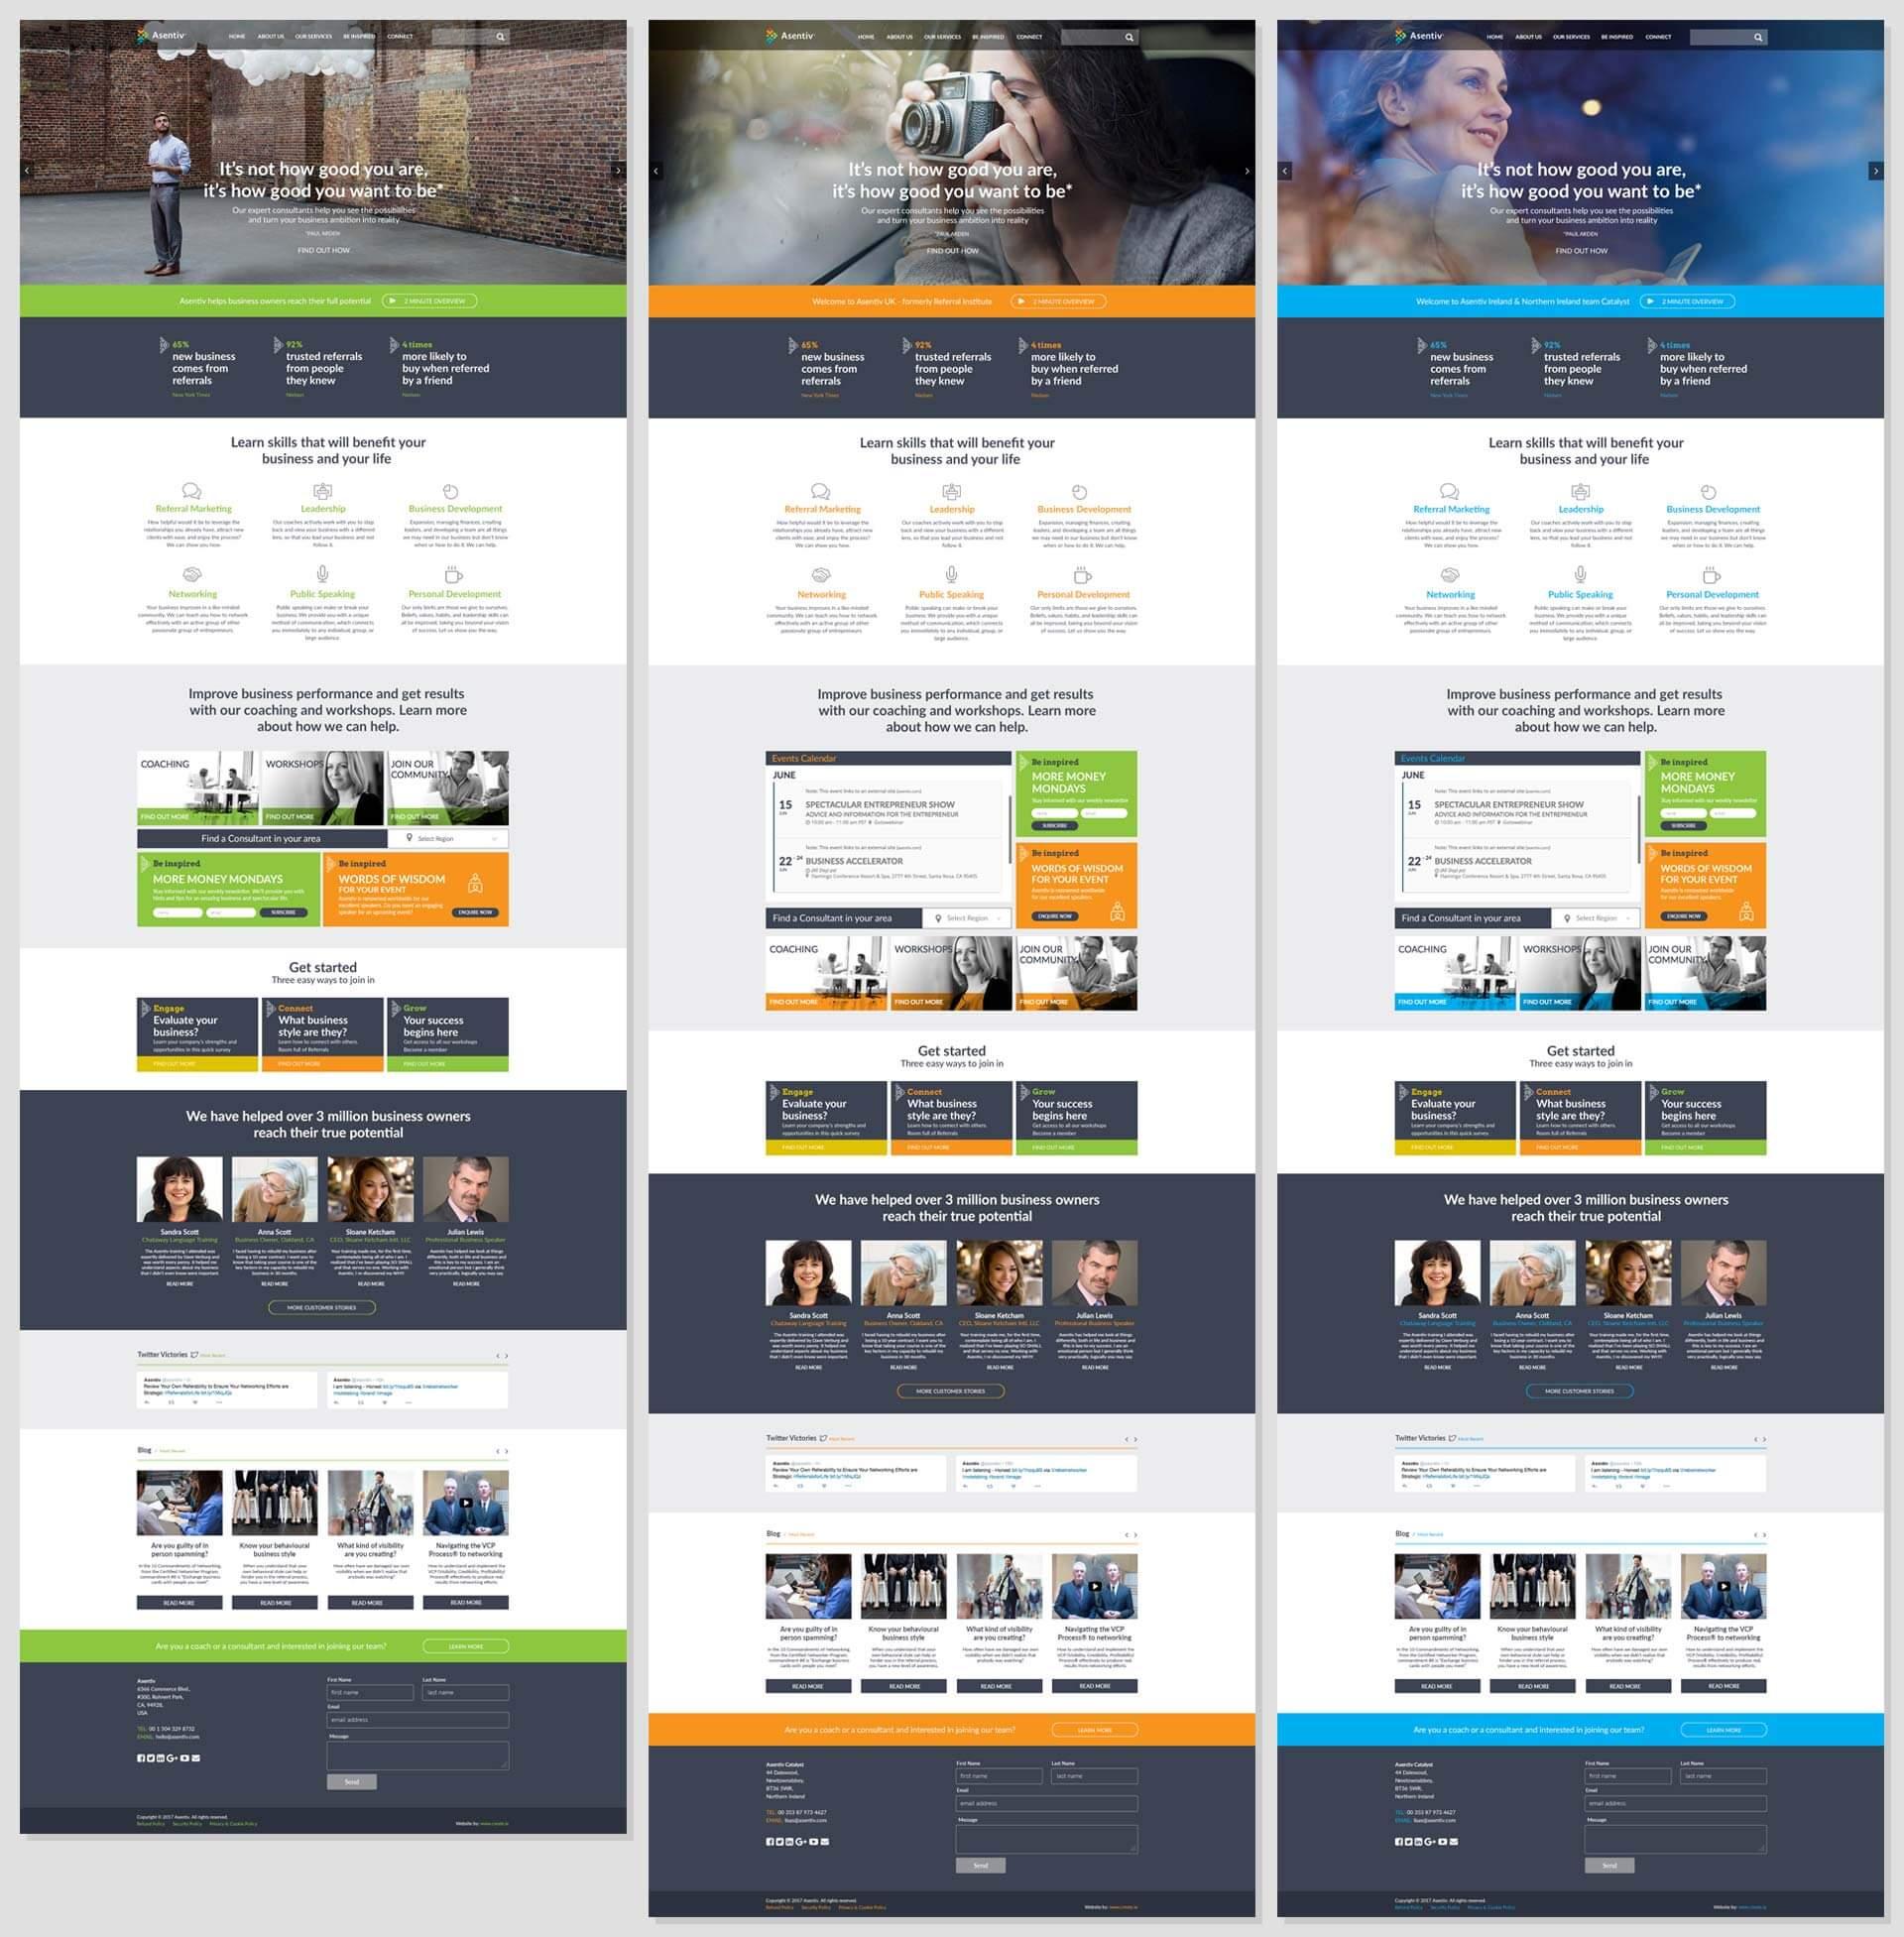 3 Asentiv branded styles of website